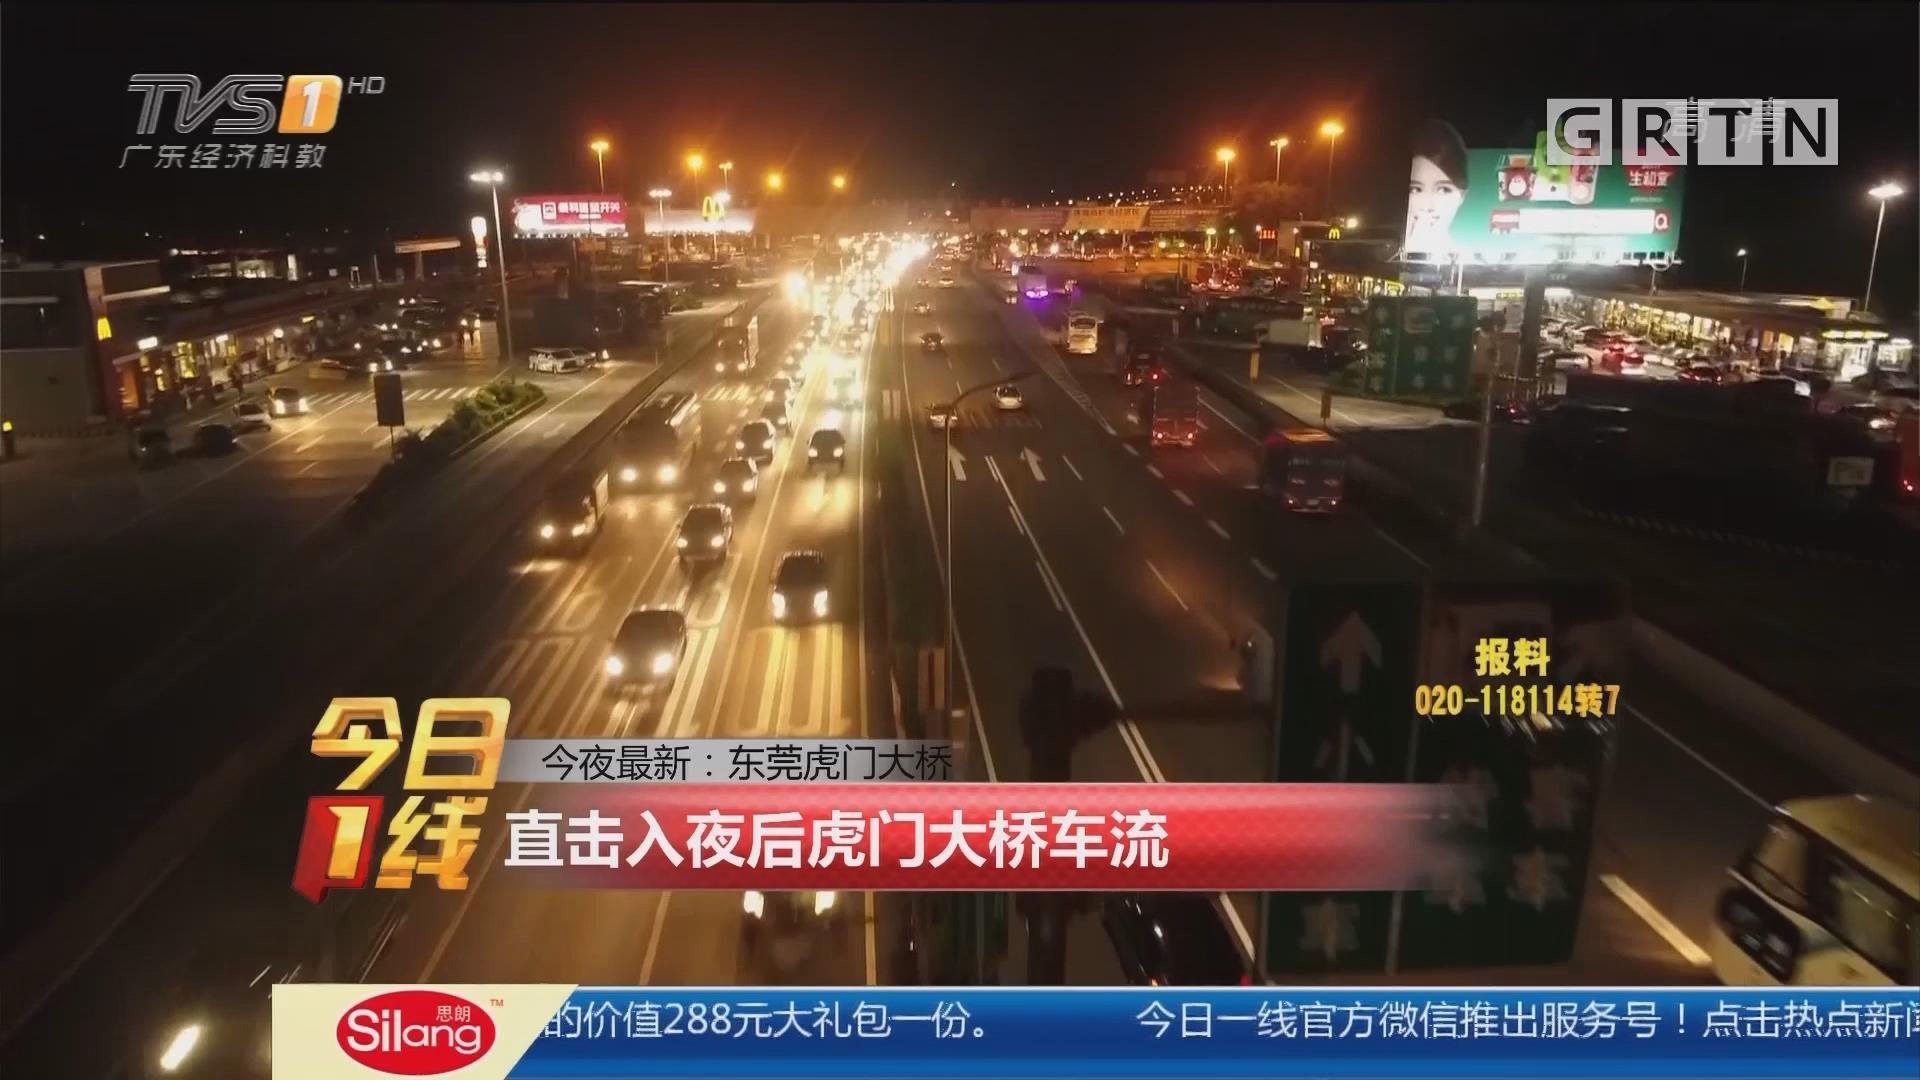 今夜最新:东莞虎门大桥 直击入夜后虎门大桥车流